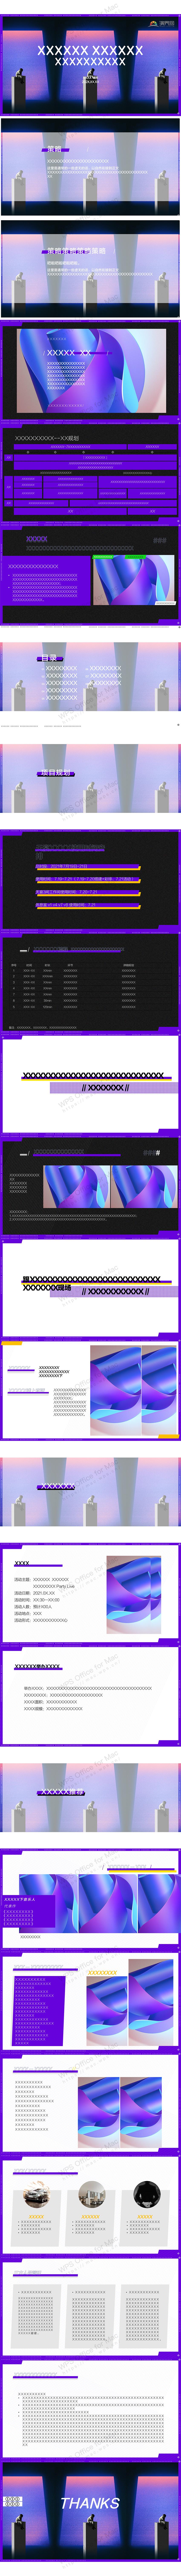 紫色色扁平高质感年轻化/音乐秀场策划/汇报PPT模板